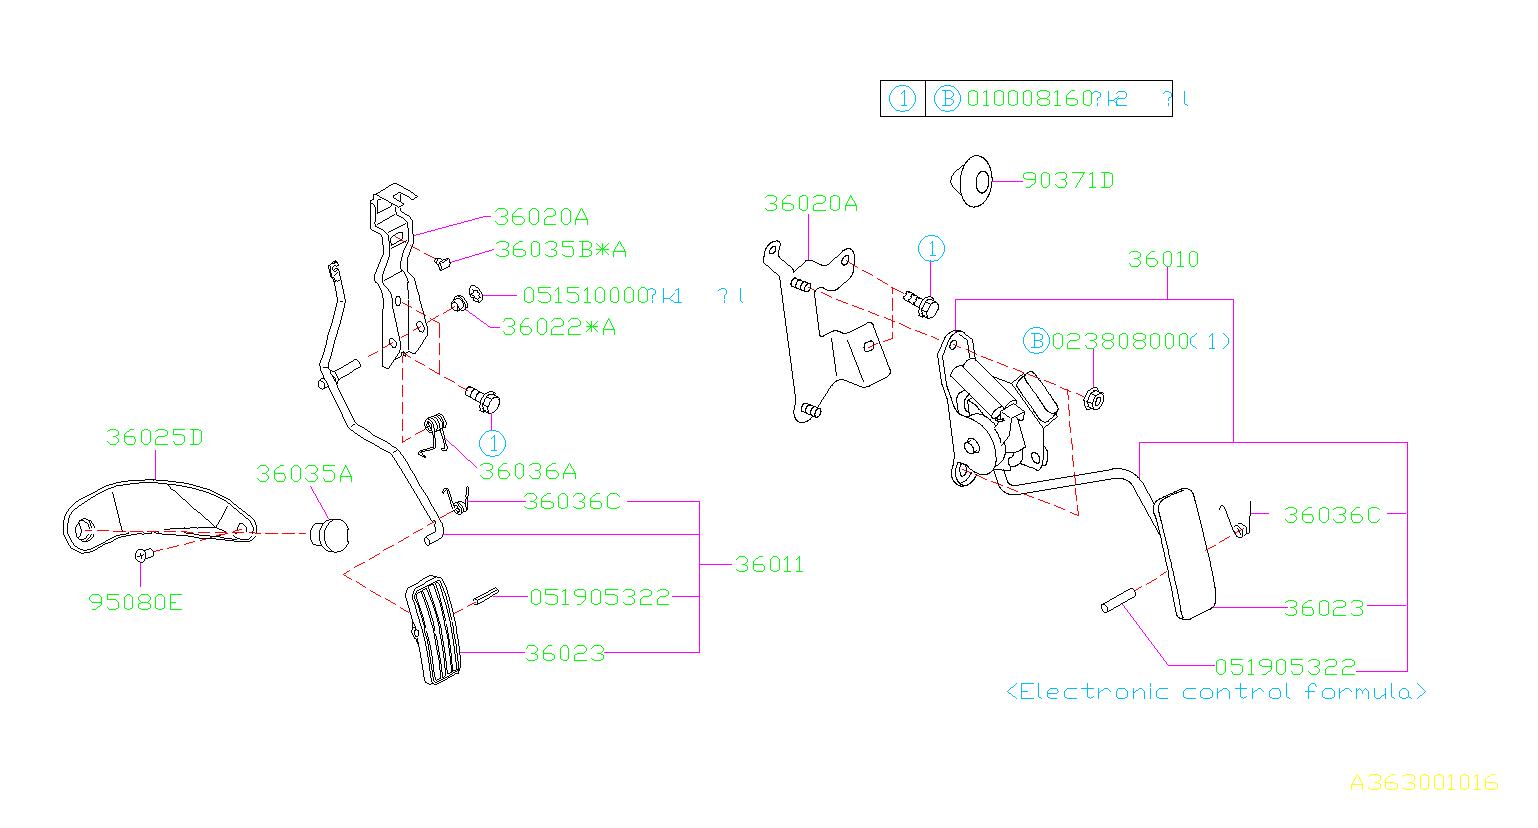 36010ae041 - Accelerator Pedal Sensor